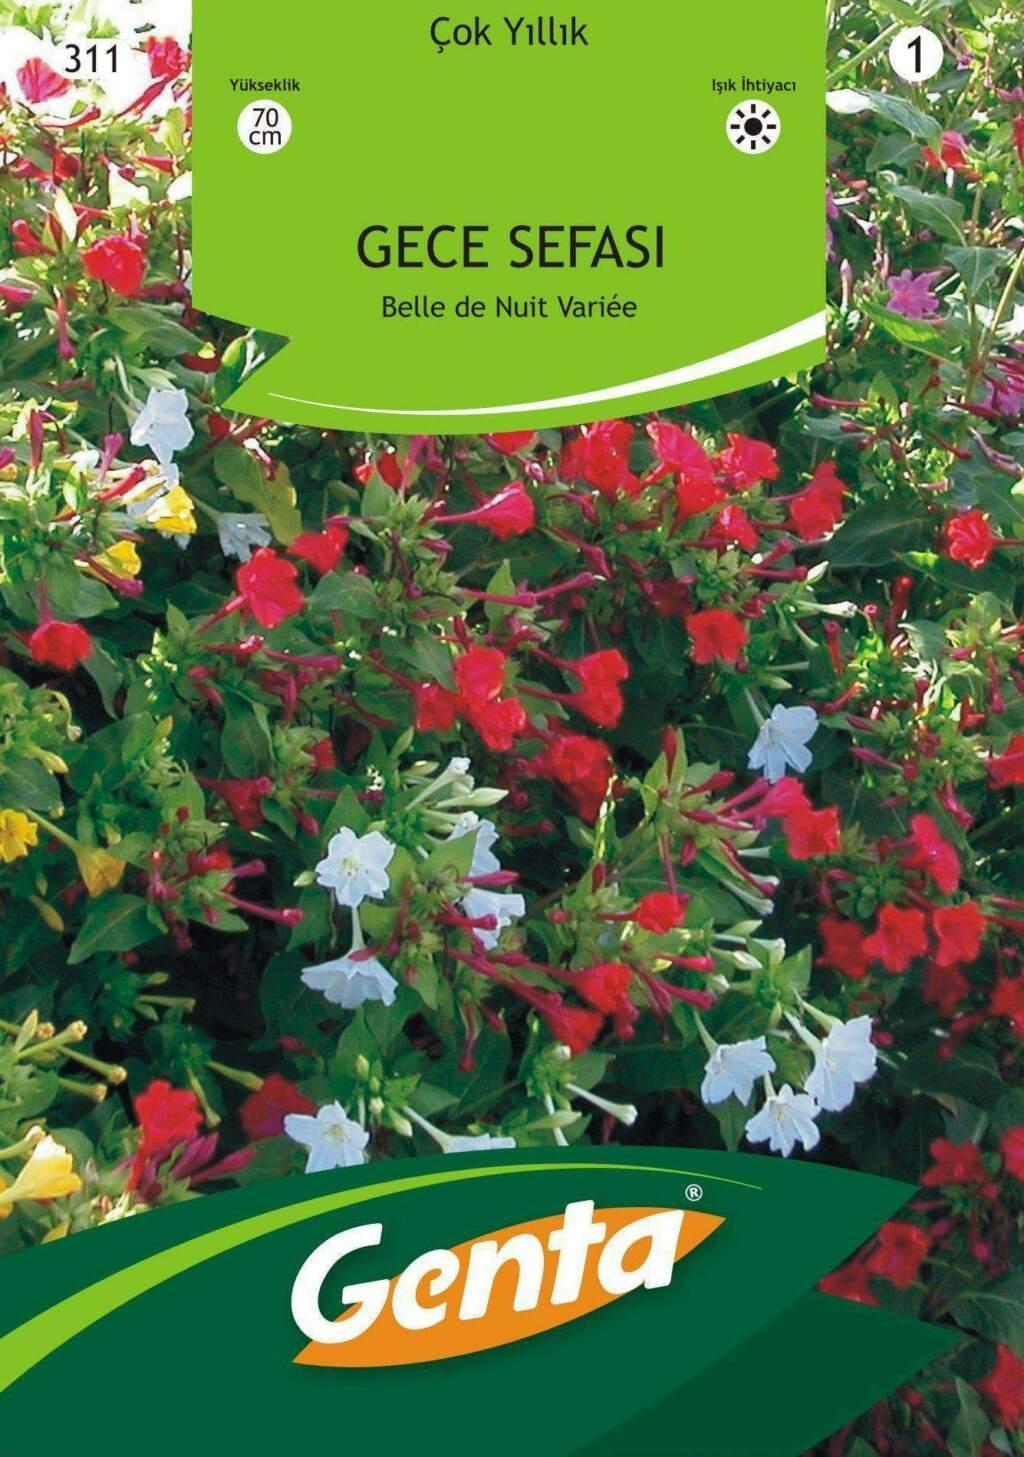 Genta Gece Sefası Çiçek Tohumu